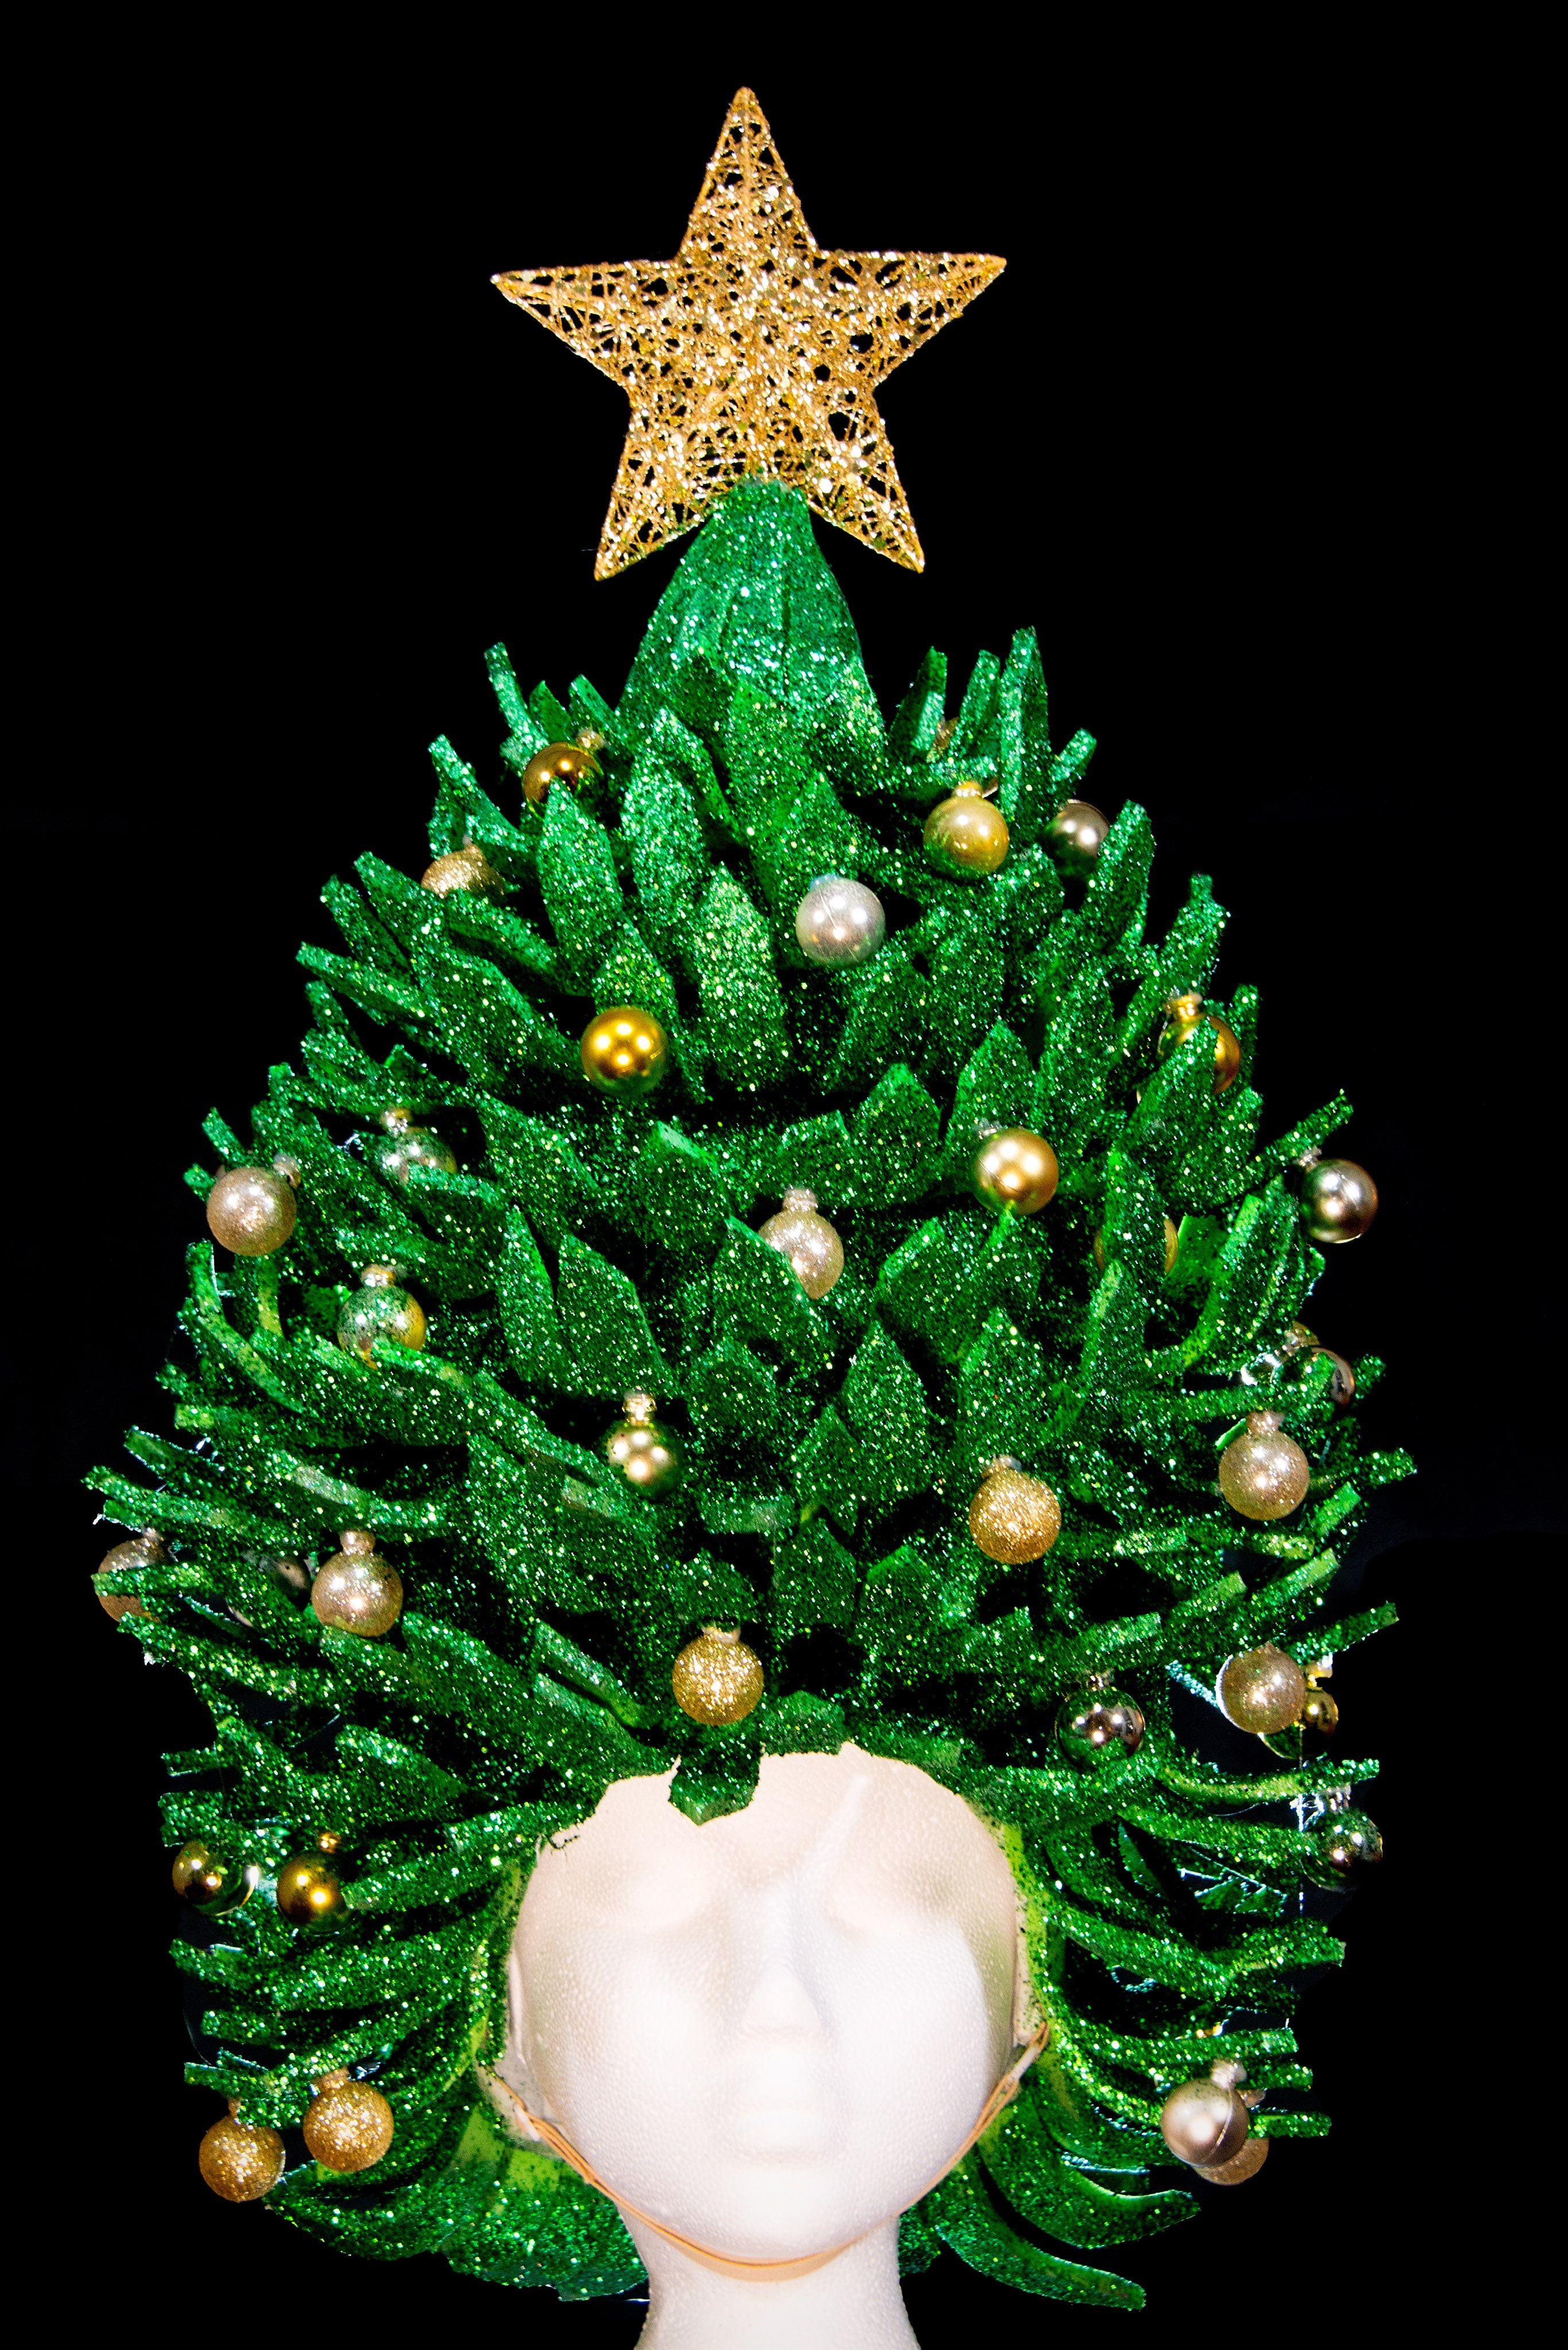 Christmas Tree By Foamwigs Uk Christmas Christmas Tree Christmas Games